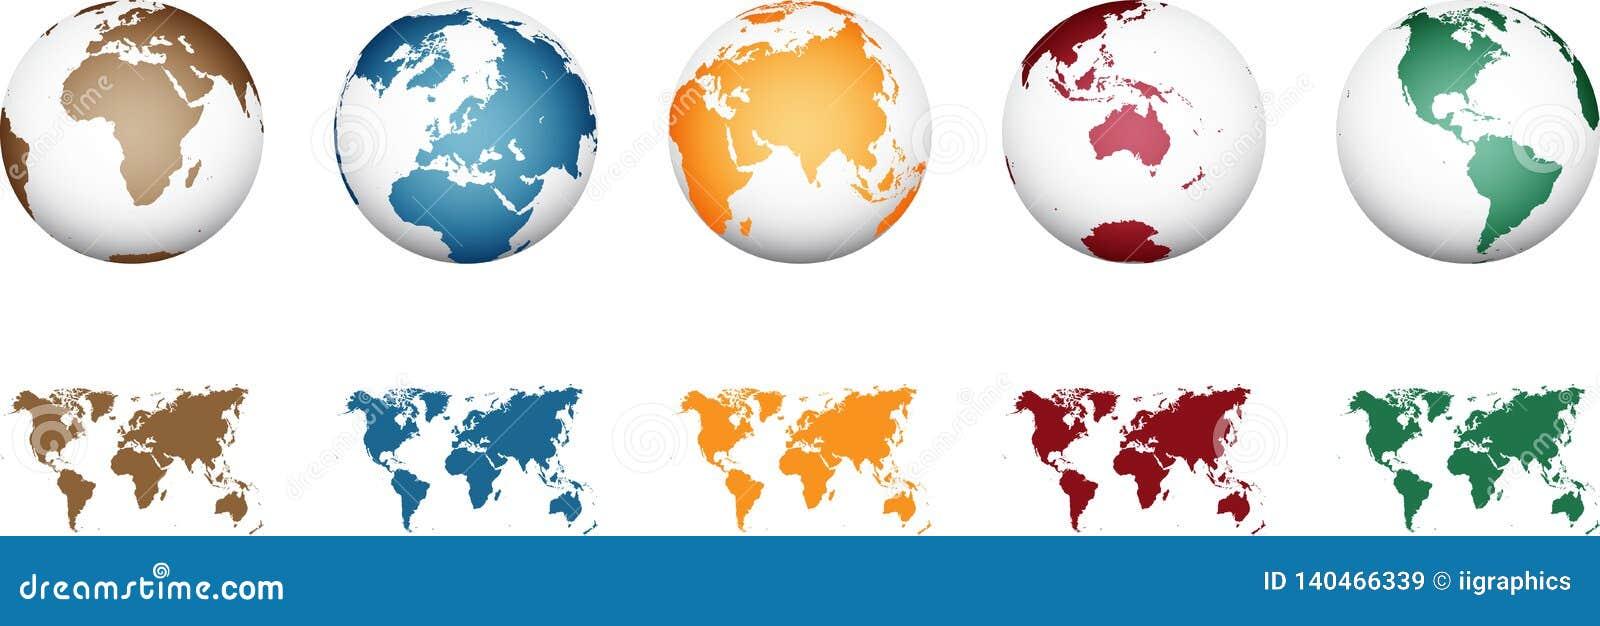 Παγκόσμιος χάρτης - υψηλό λεπτομερές διάνυσμα